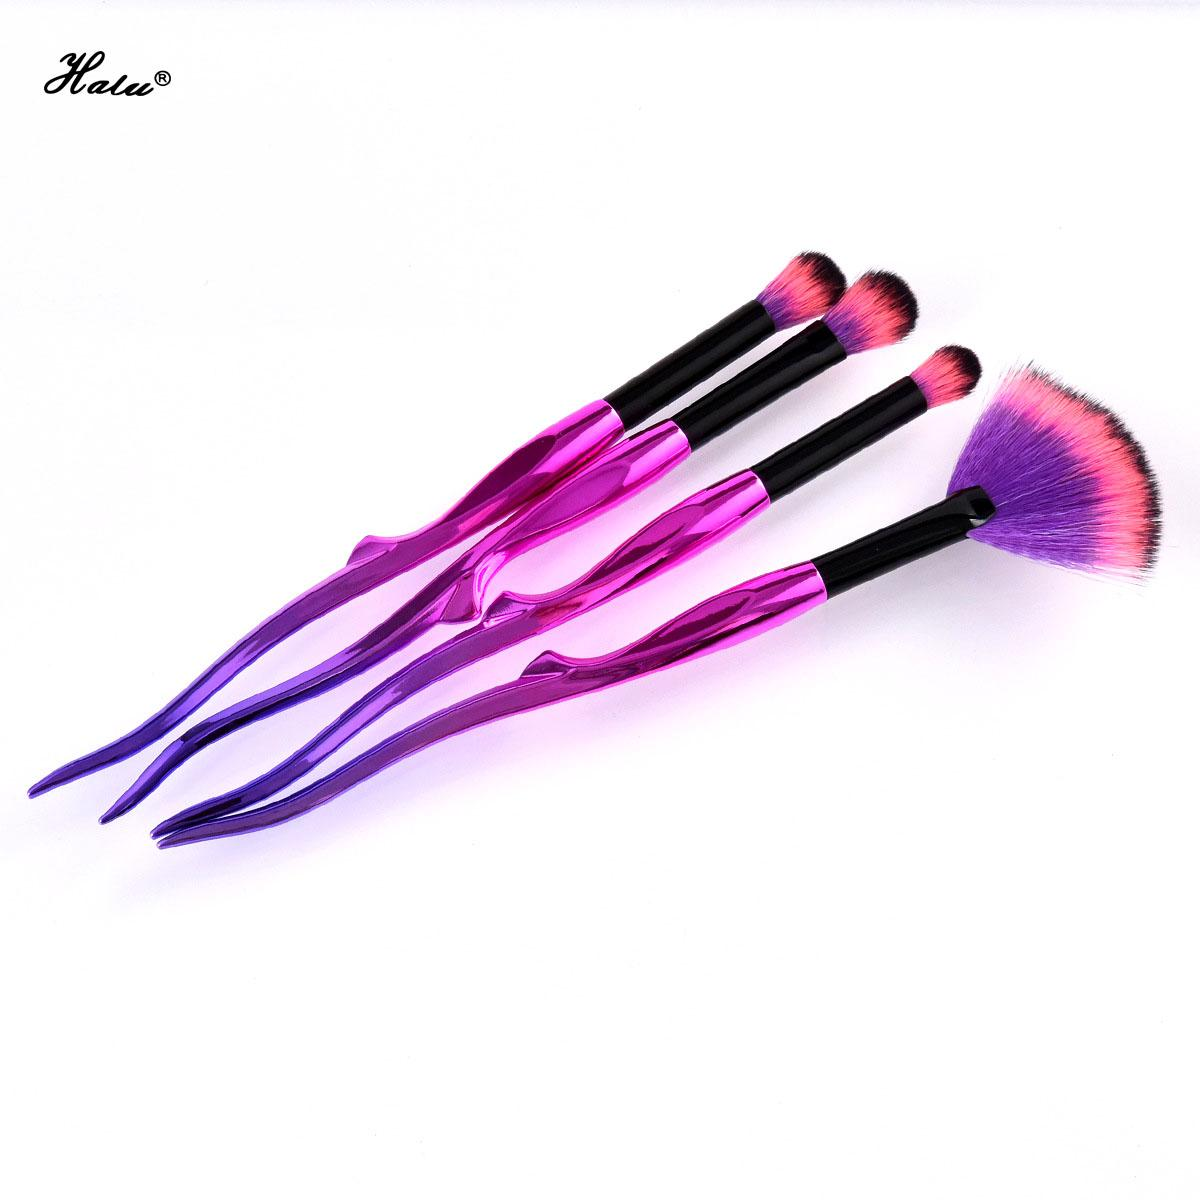 Halu Mermaid Eyeshadow Pinceaux De Maquillage Ensemble Violet Sirène Yaksha Concealer Nez Fan Cosmétique Brosses Ensembles Kits